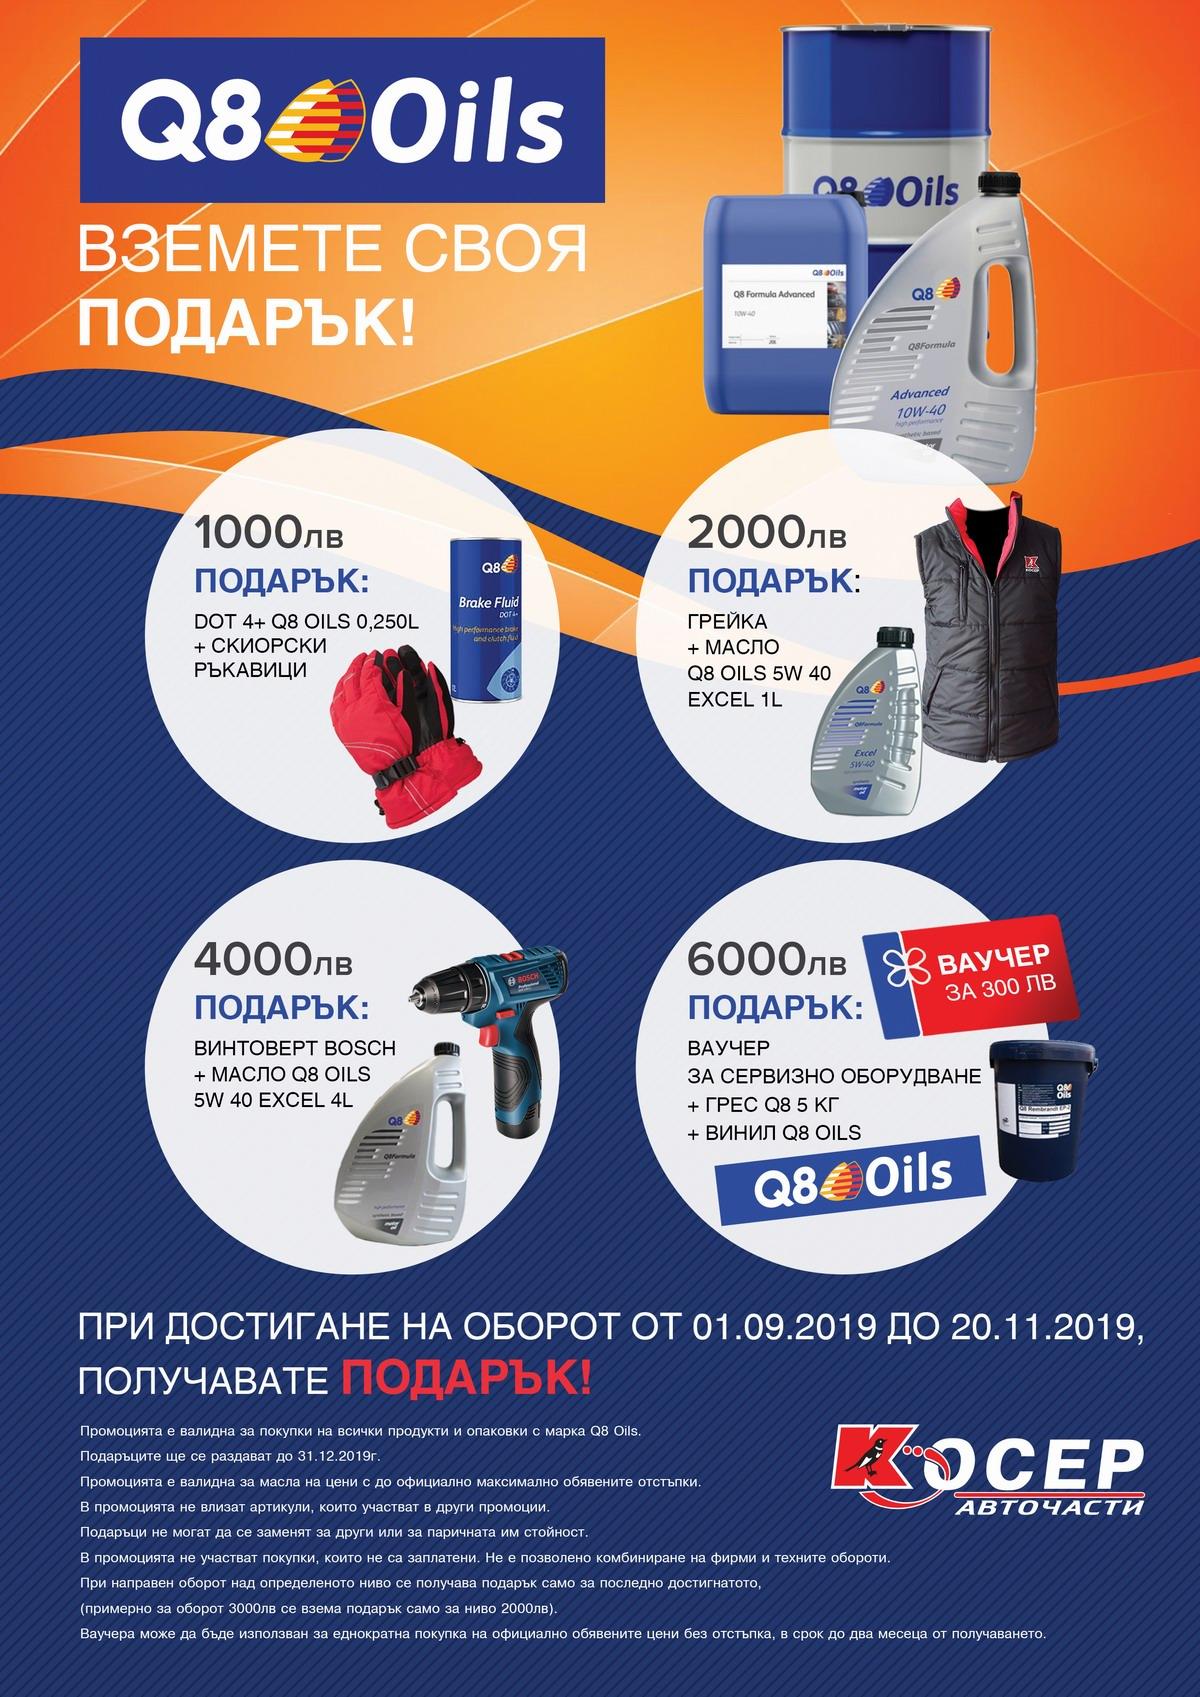 Промоция Q8 Oils, 01.09.2019 - 20.11.2019